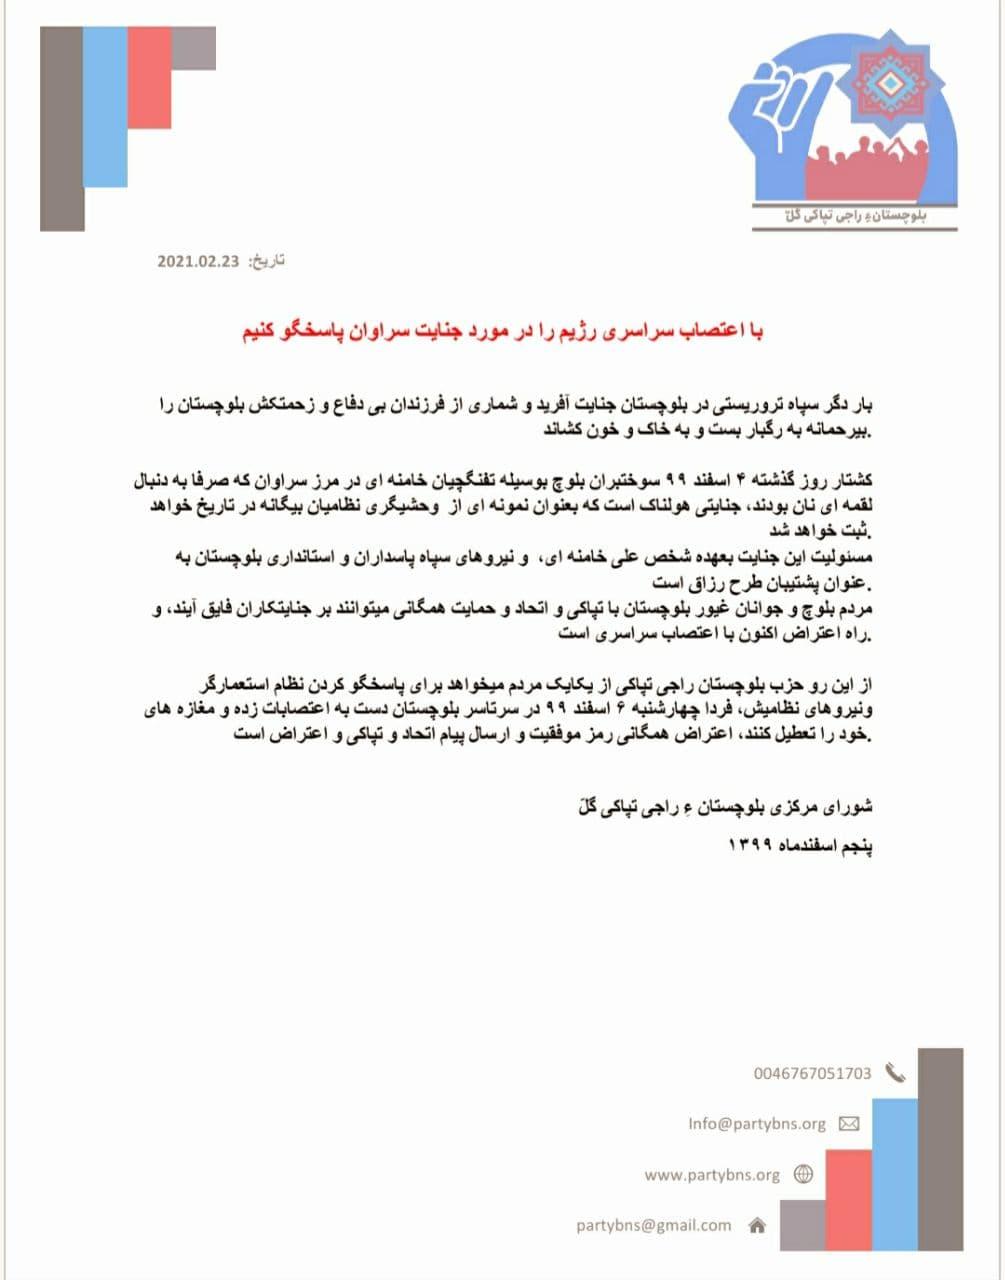 با اعتصاب سراسری رژیم را در مورد جنایت سراوان پاسخگو کنیم !